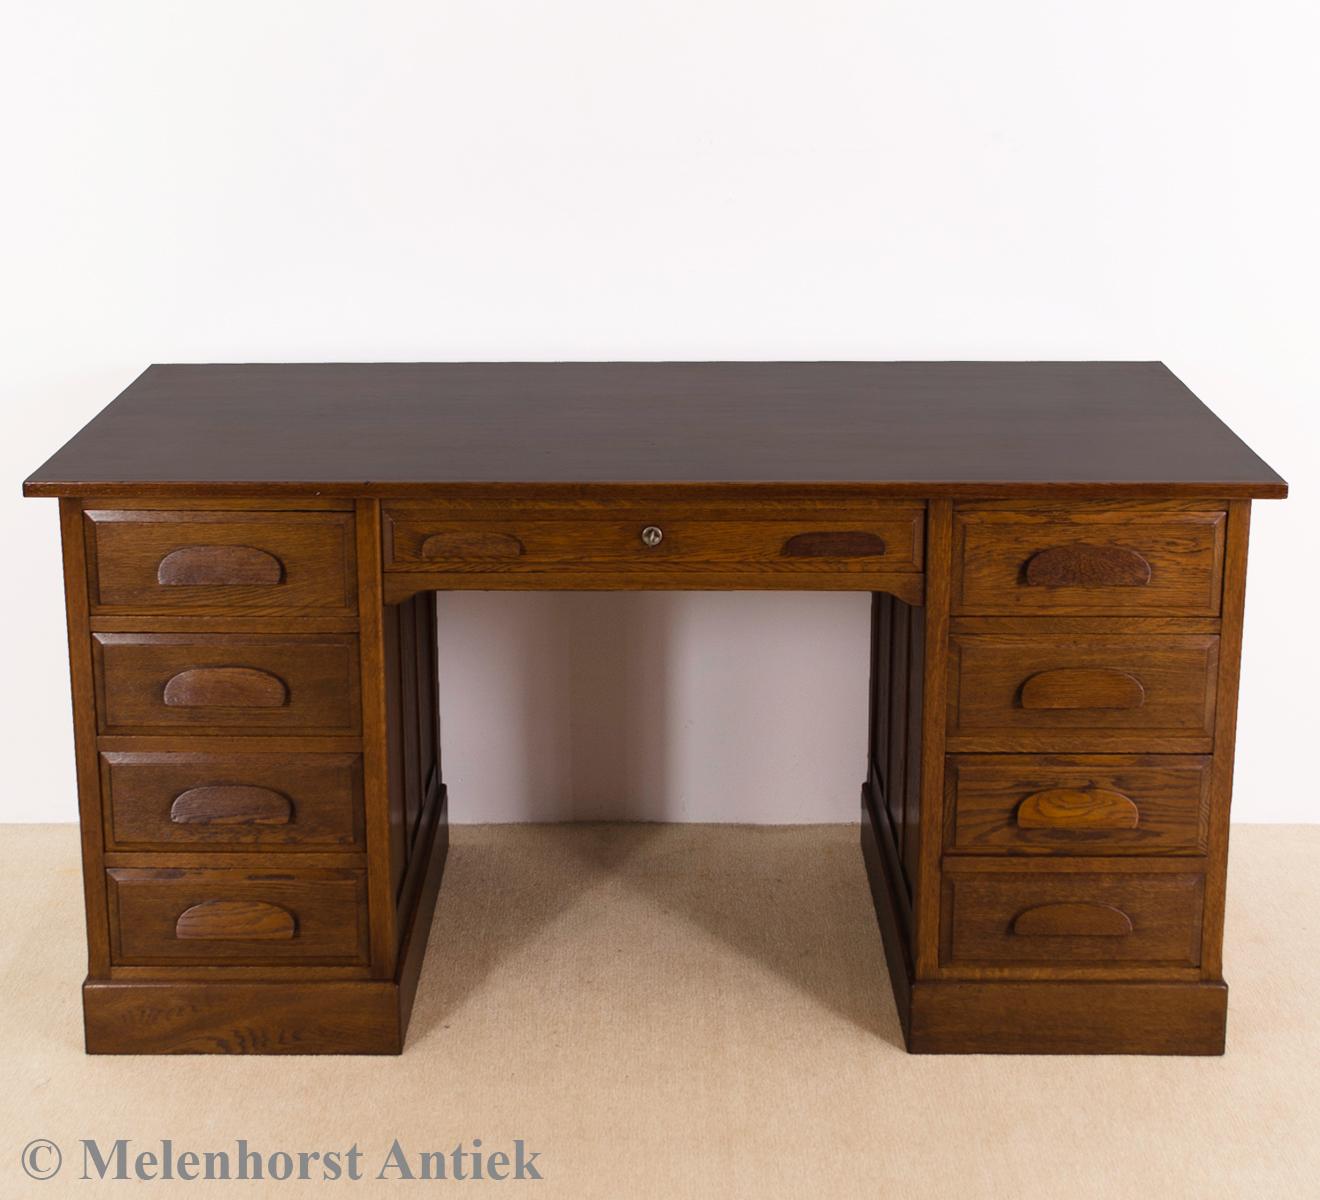 antike eichen schreibtisch antike uhren melenhorst. Black Bedroom Furniture Sets. Home Design Ideas